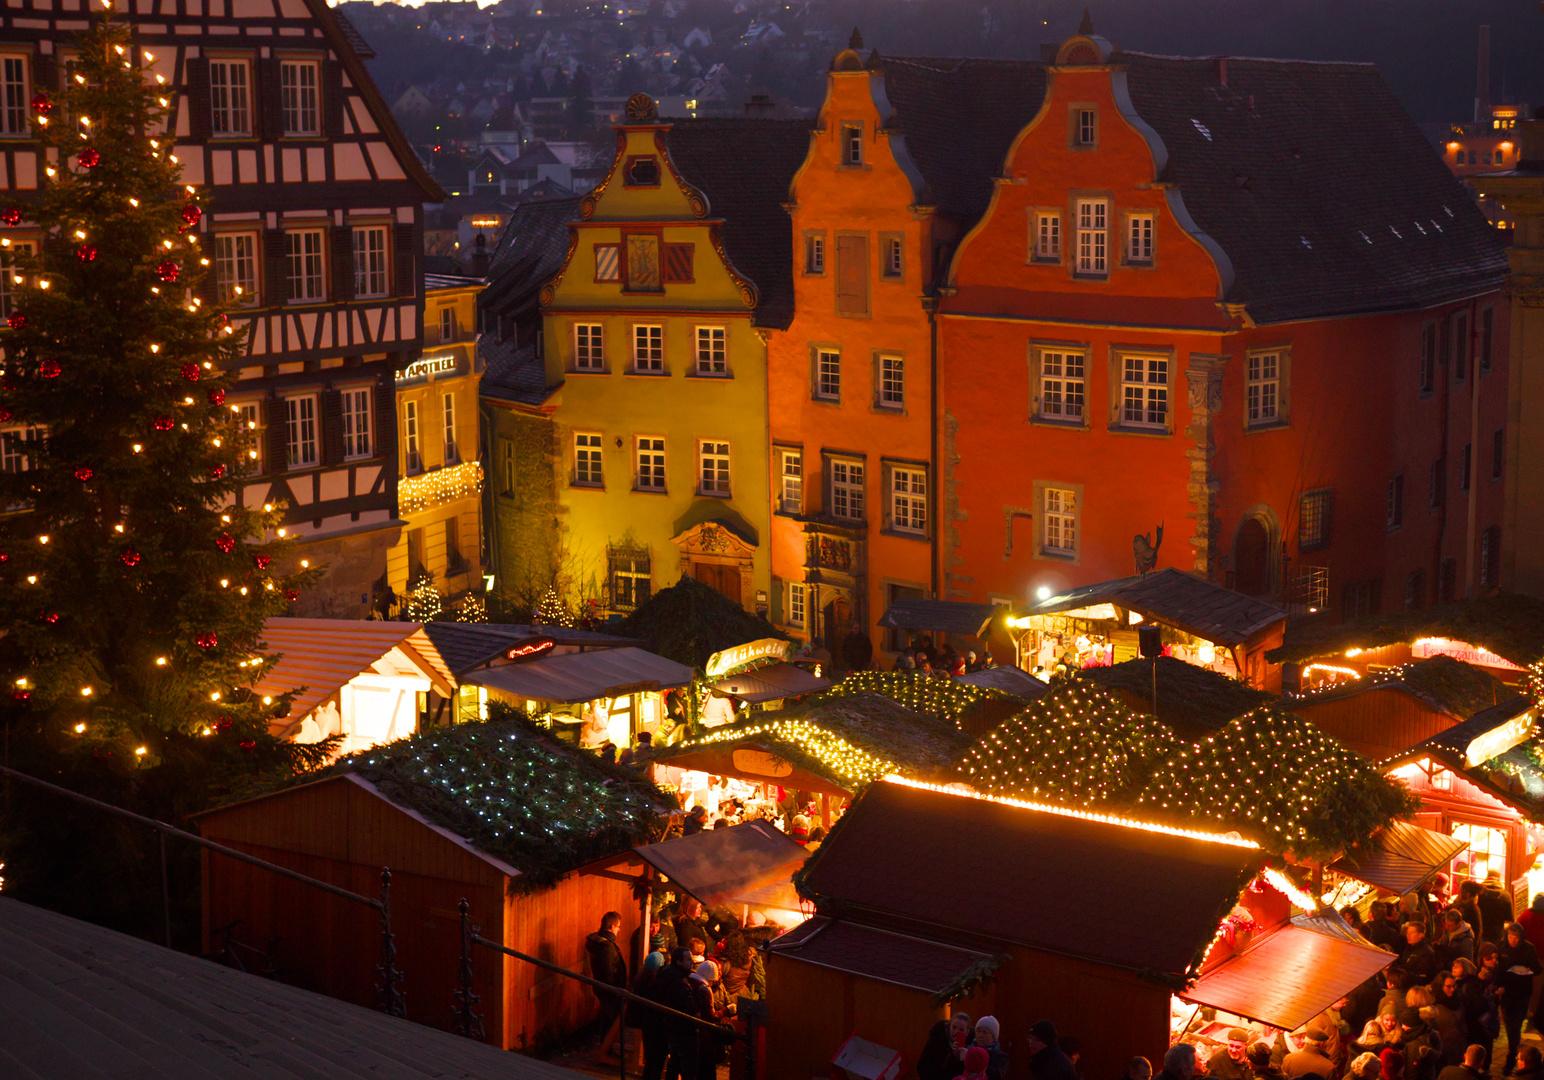 Romantischer Weihnachtsmarkt.Romantischer Weihnachtsmarkt Ii Foto Bild Abend Weihnachtsmarkt